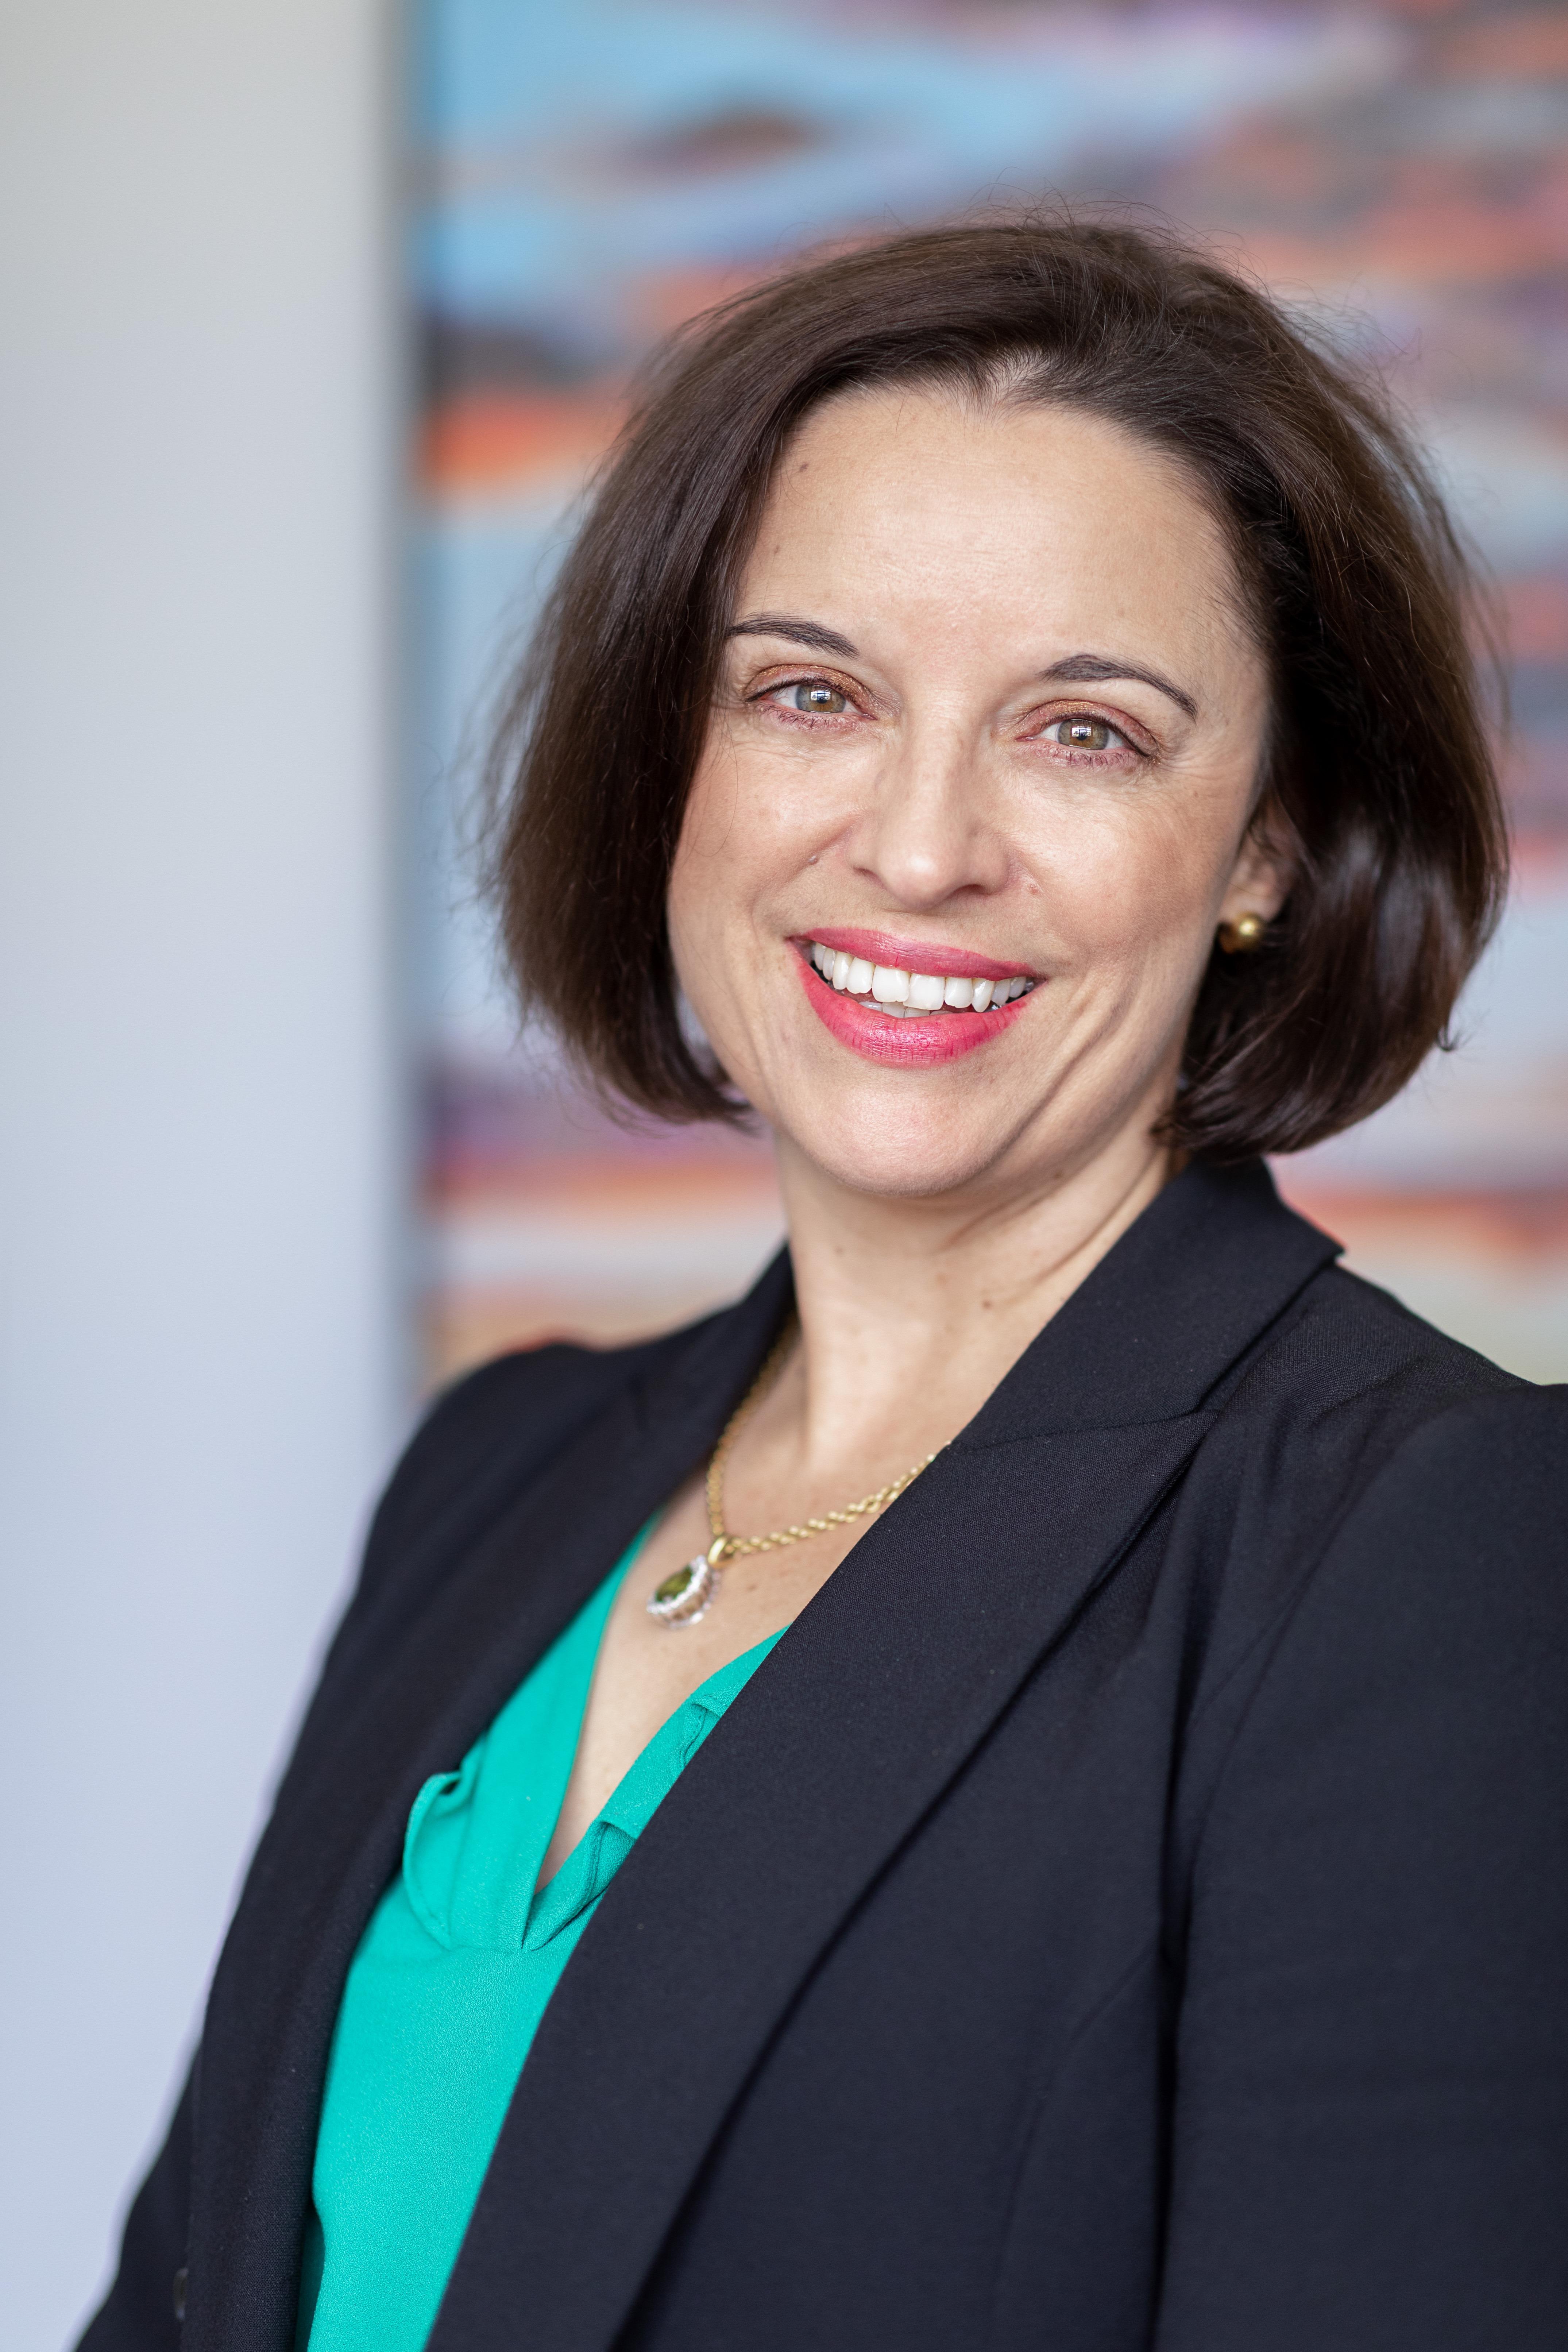 Dr Gilda Kert